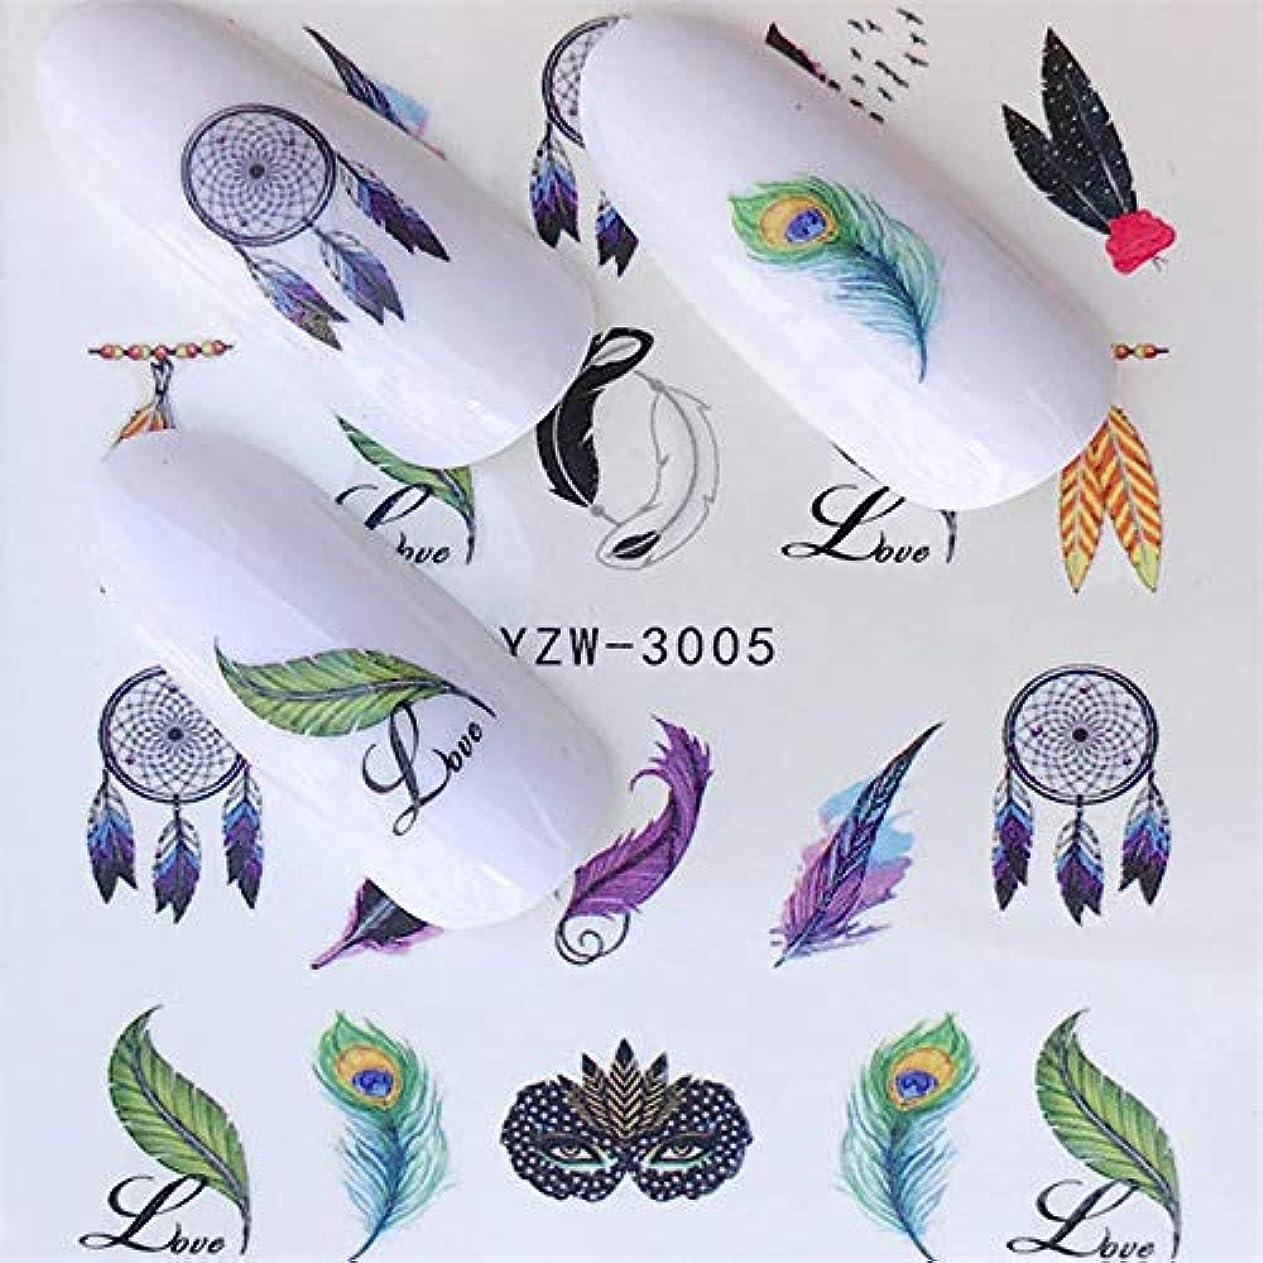 キルト発火する慣らすSUKTI&XIAO ネイルステッカー 爪のための1個の水勾配花の花ステッカーラップ蝶花つるデザインネイルアートデカール、Yzw-3005